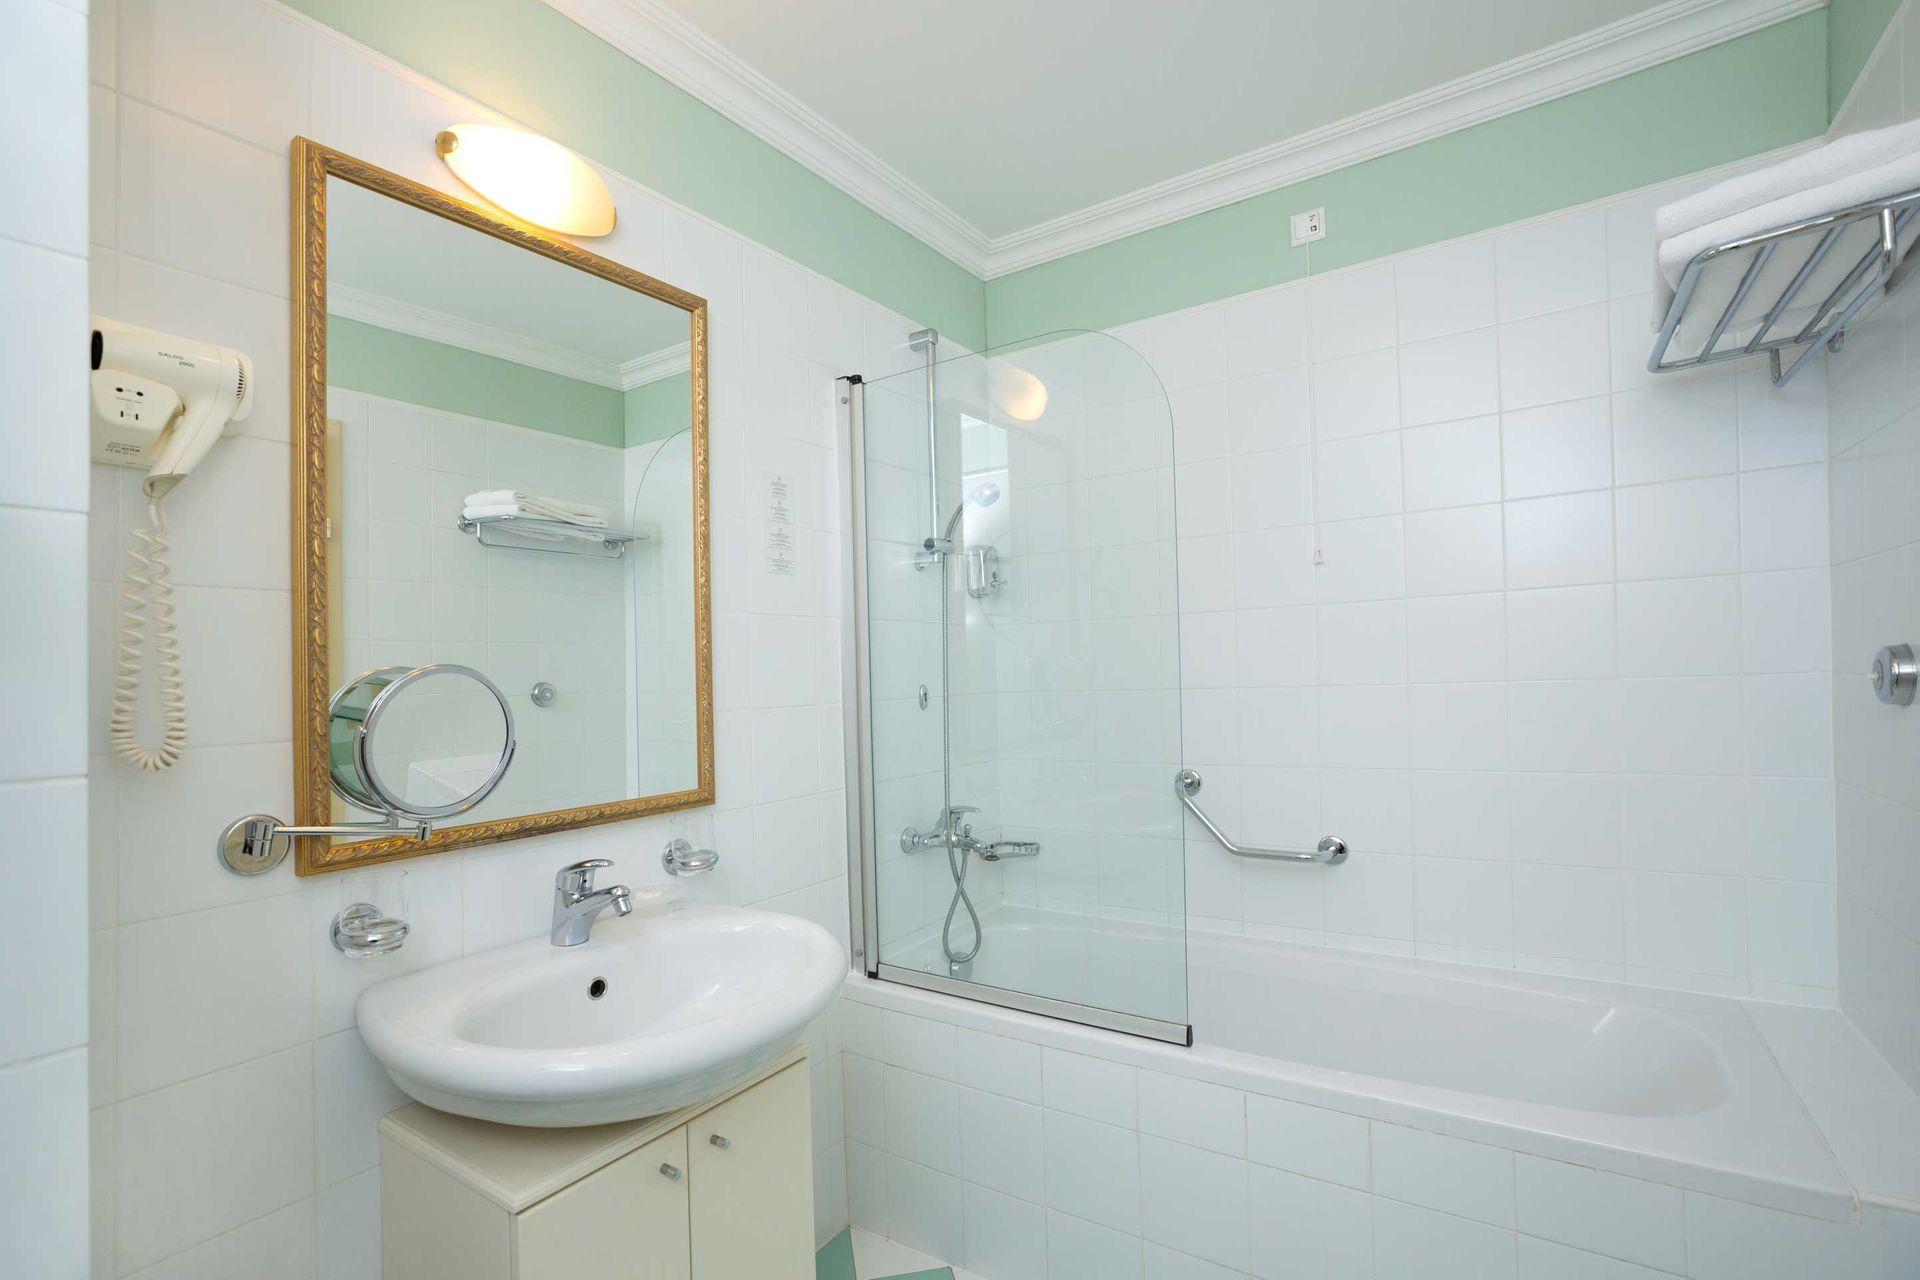 Superior Double Room +1 Villa Camellia 32 m² Sea View and Balcony-3